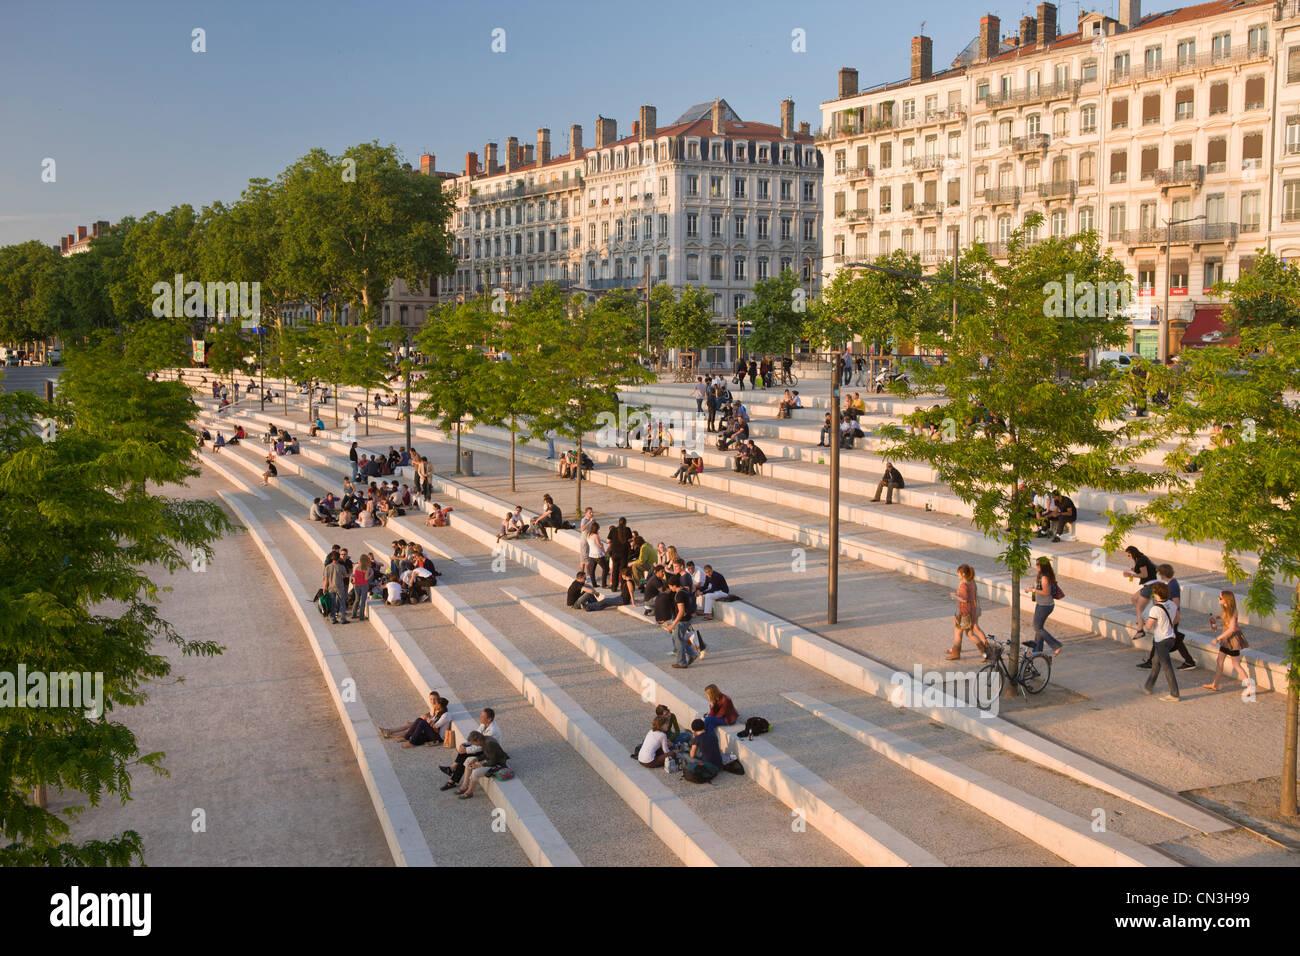 France, Rhone, Lyon, Rhone River banks - Stock Image